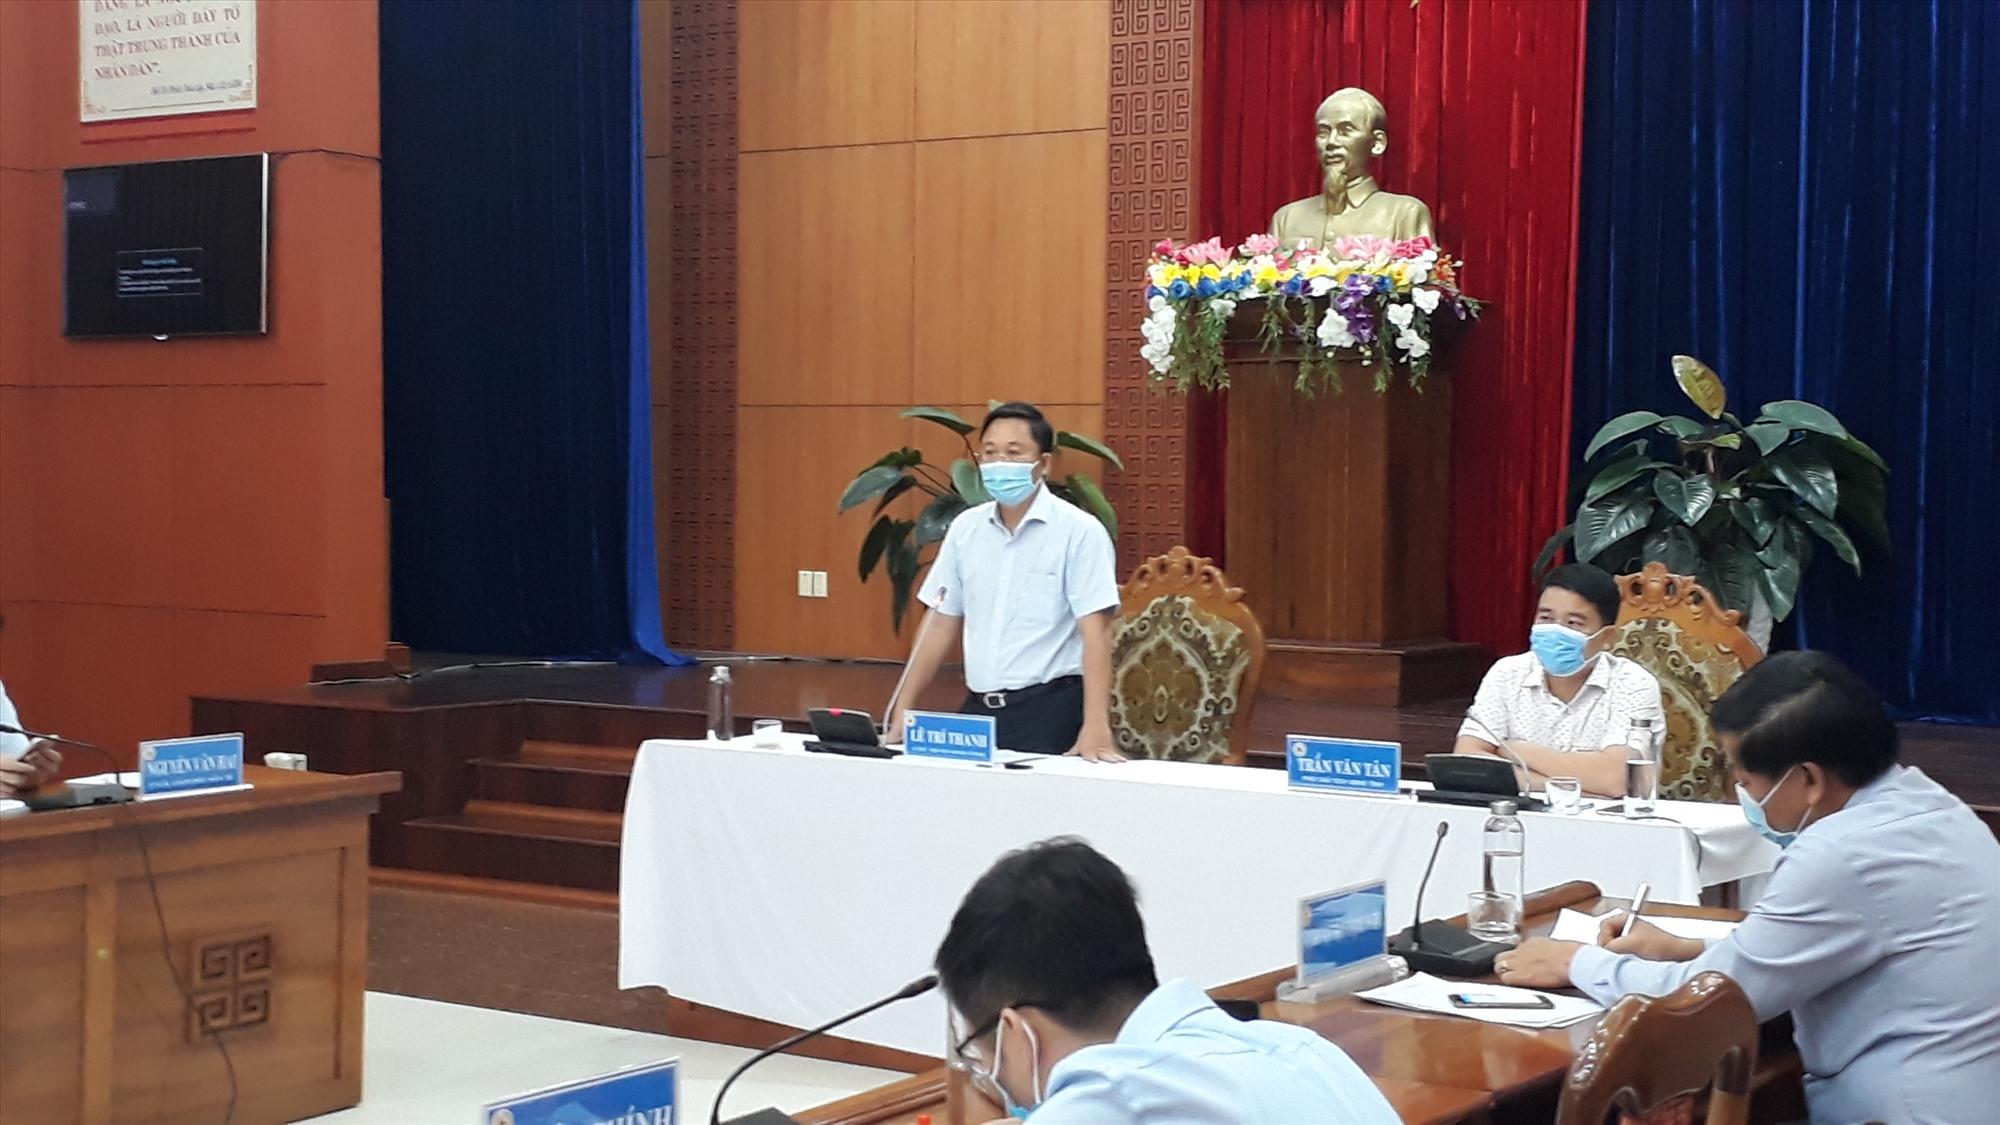 Chủ tịch UBND tỉnh Lê Trí Thanh lưu ý tập trung cao độ phòng chống dịch trong thời gian tới, nhất là kỳ  thi tốt nghiệp THPT đợt 2. Ảnh: X.P